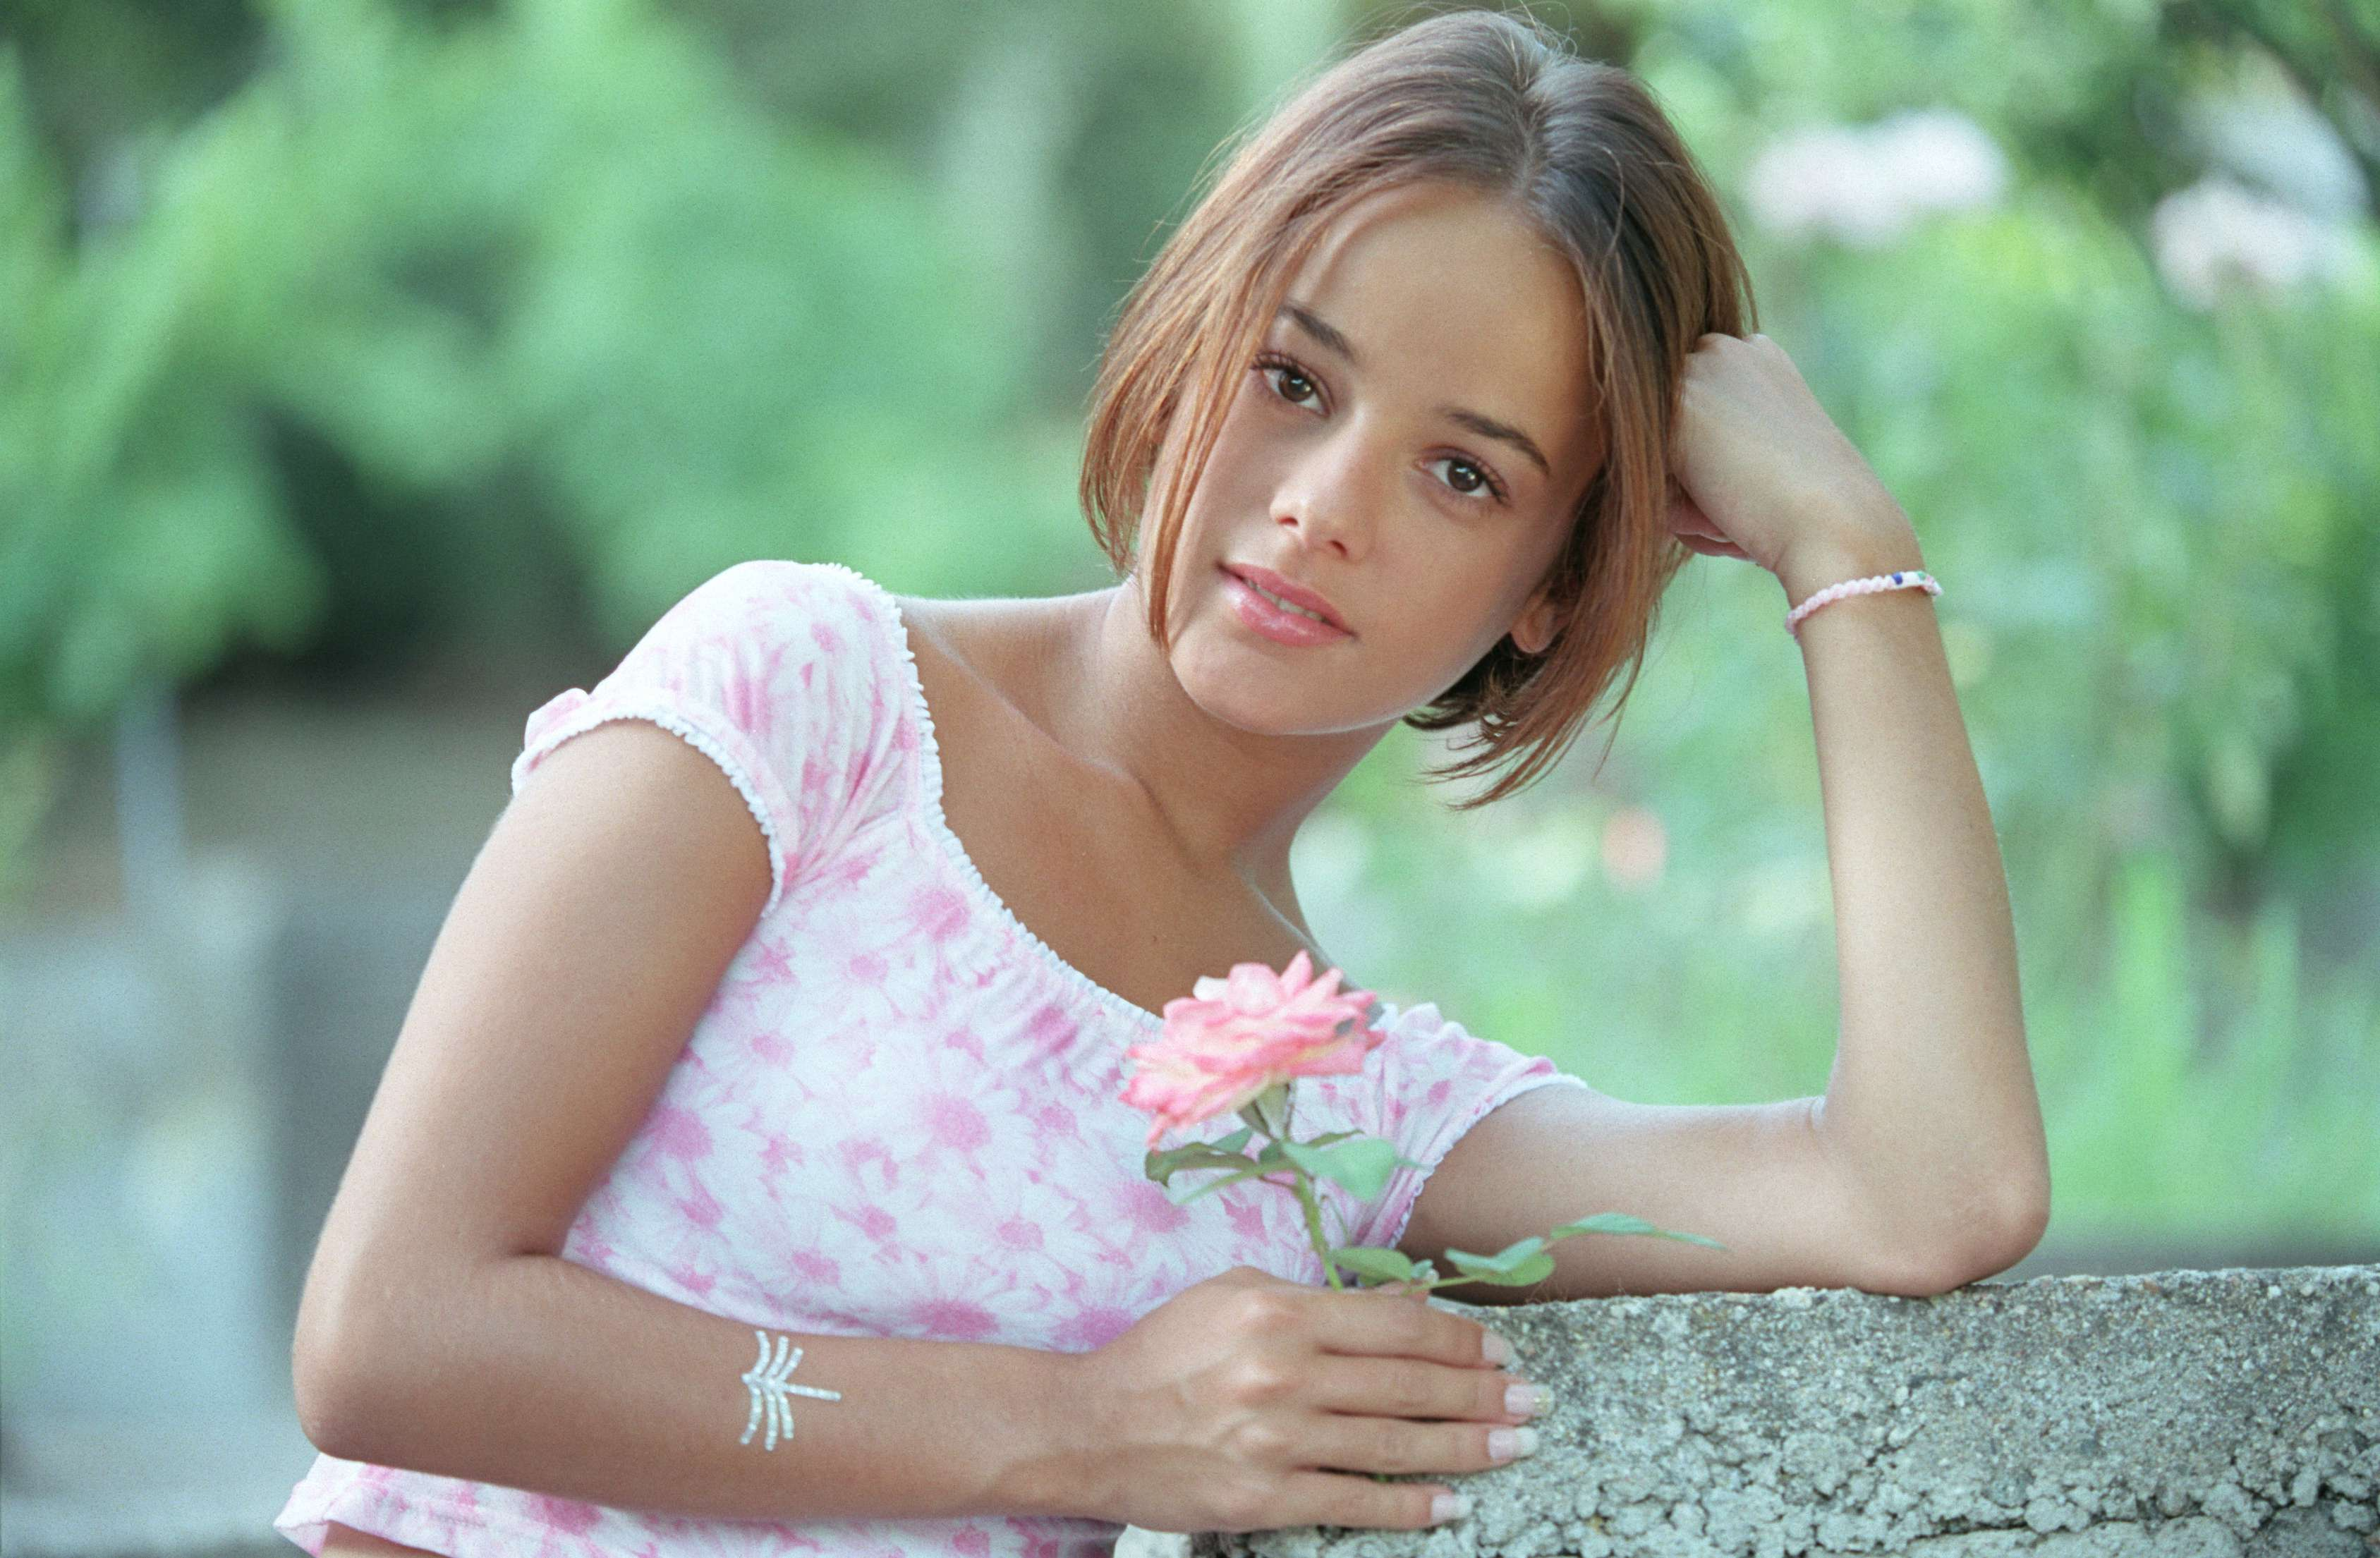 Фото юной девочки 20 фотография